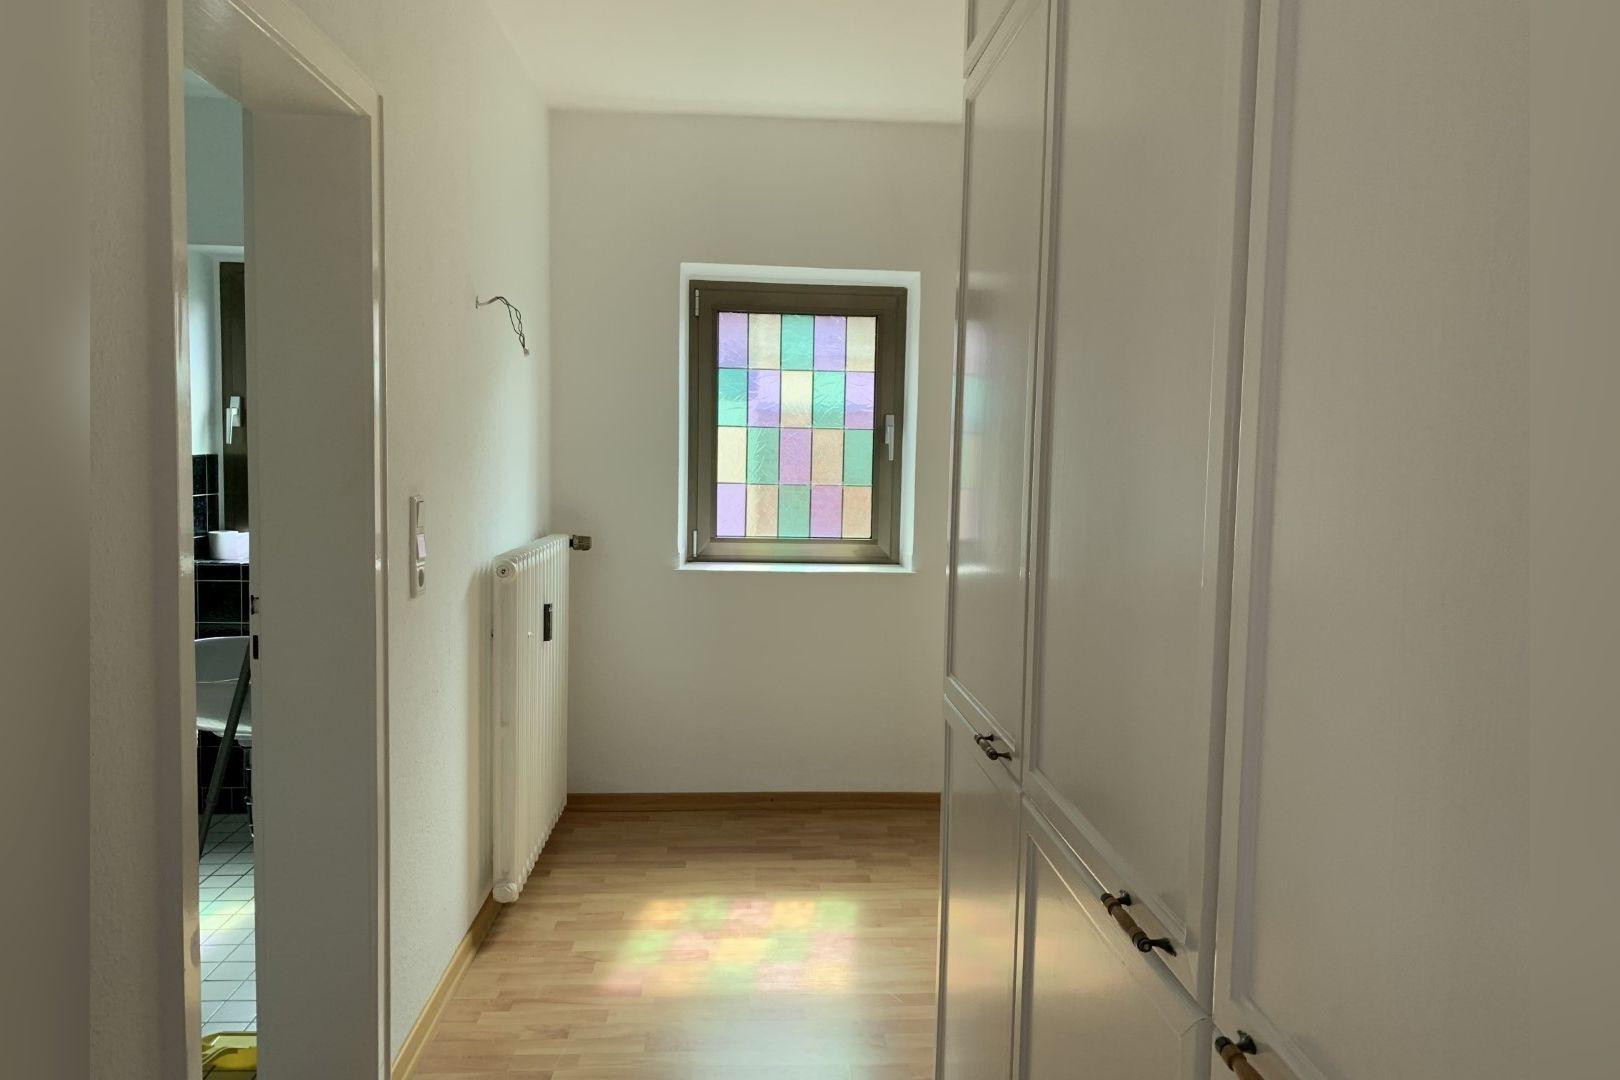 Immobilie Nr.0286 - 2,5 Zimmer Wohnung mit großem Balkon. - Bild 8.jpg